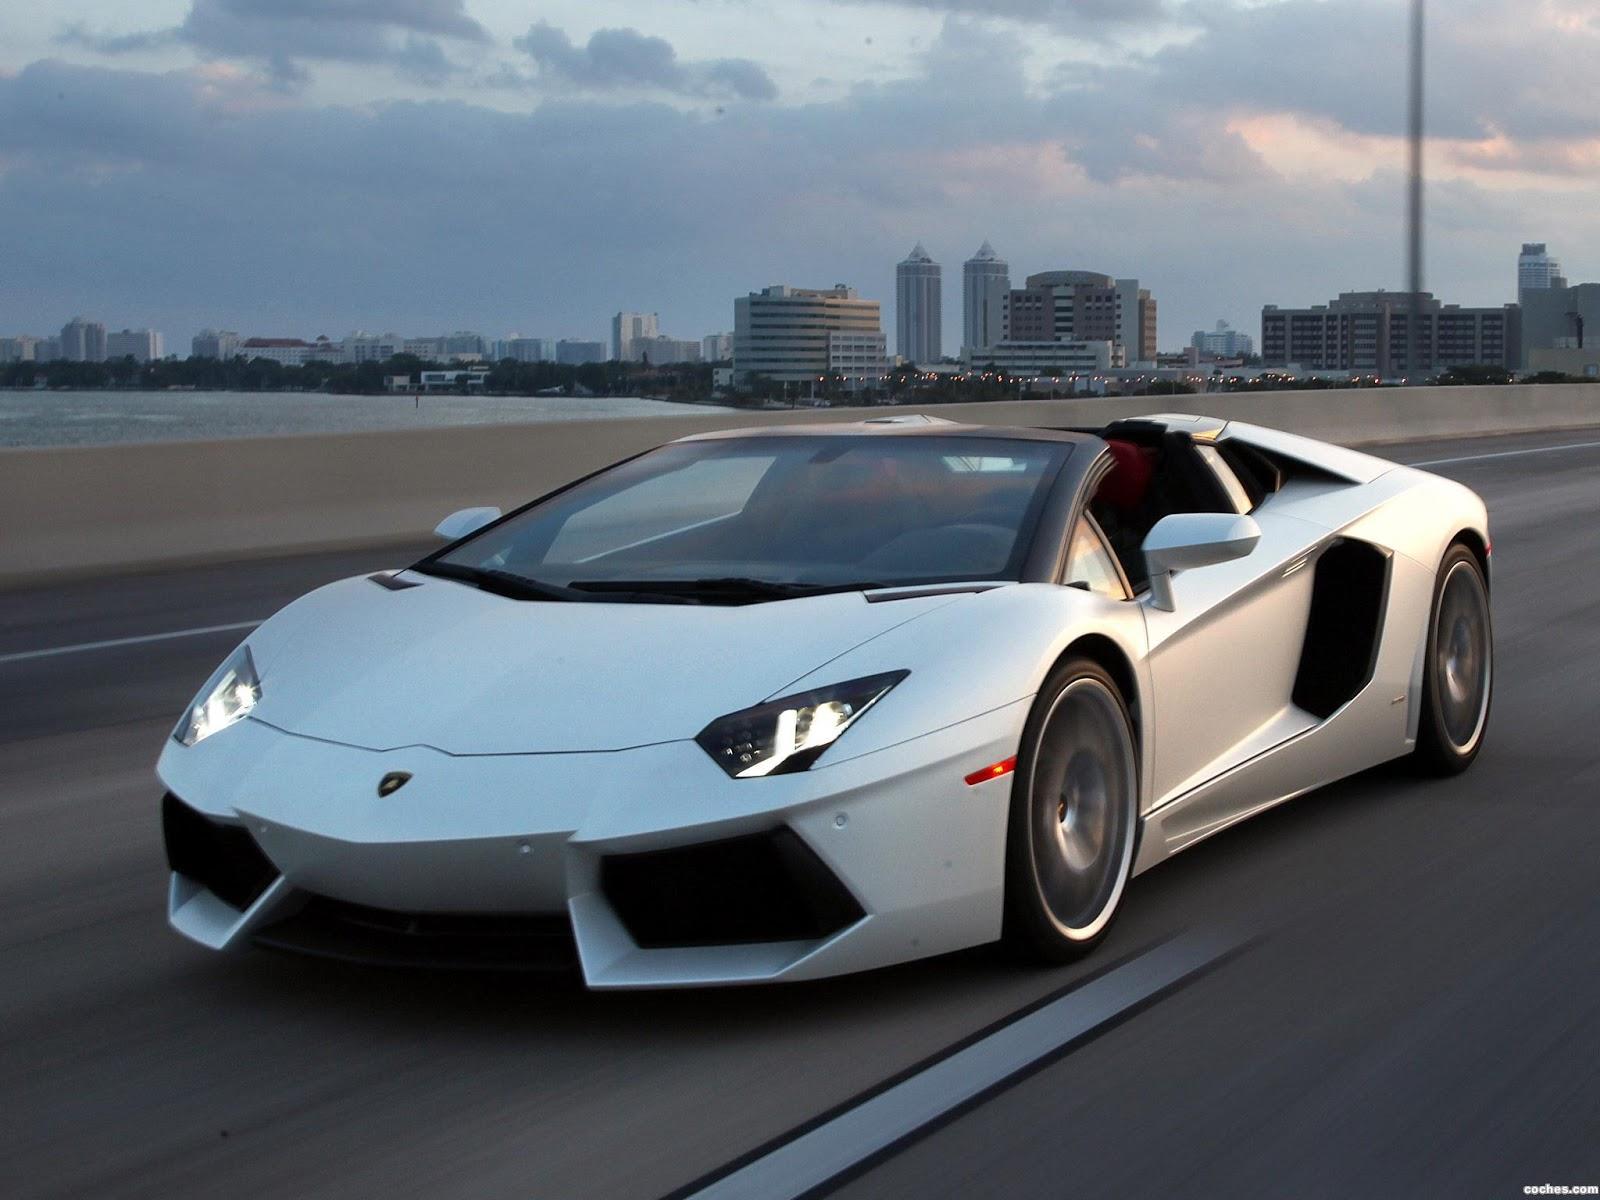 Lamborghini Price In Usa Idee D Image De Voiture